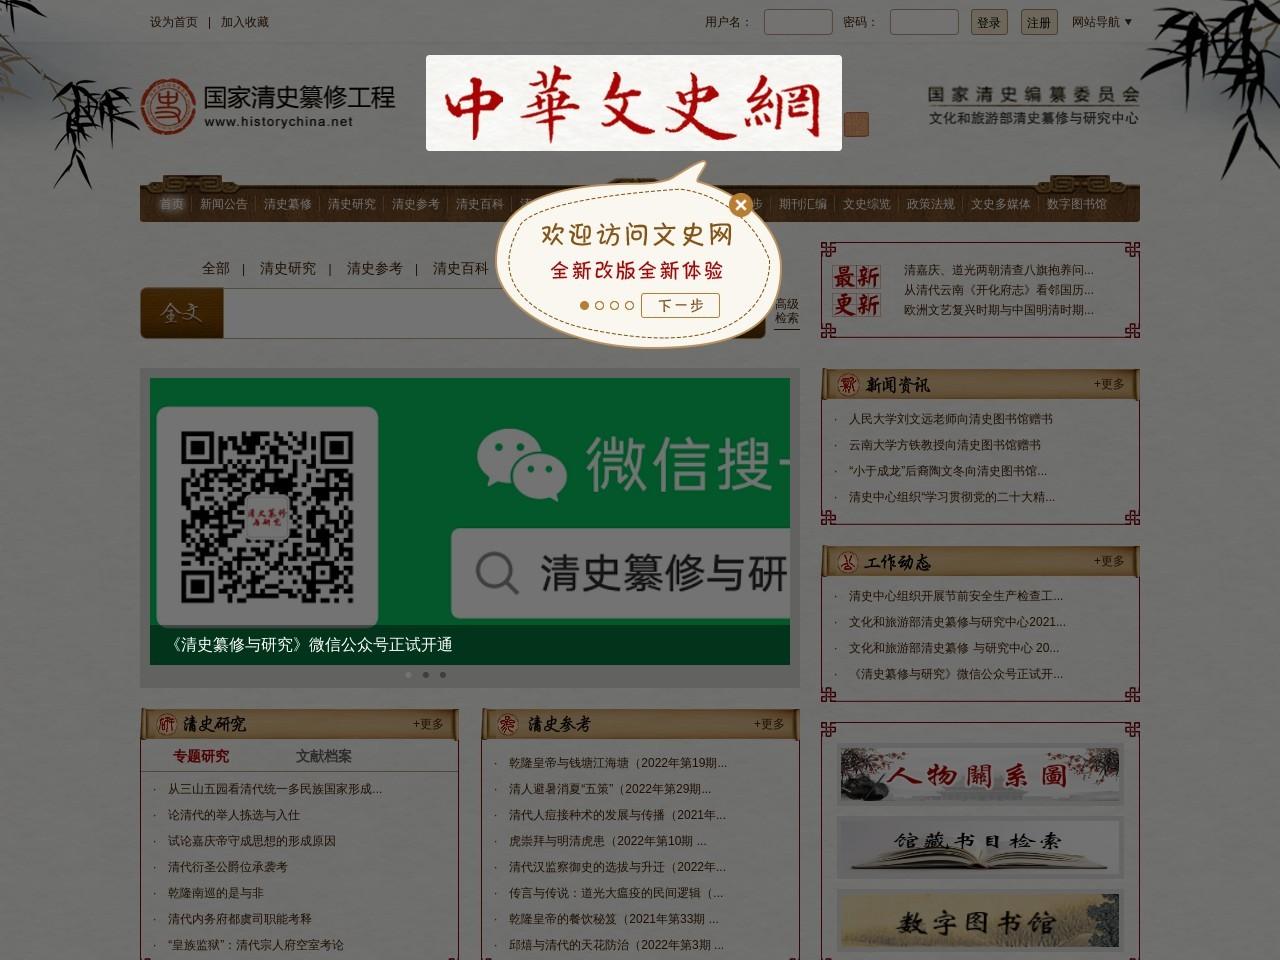 中华文史网